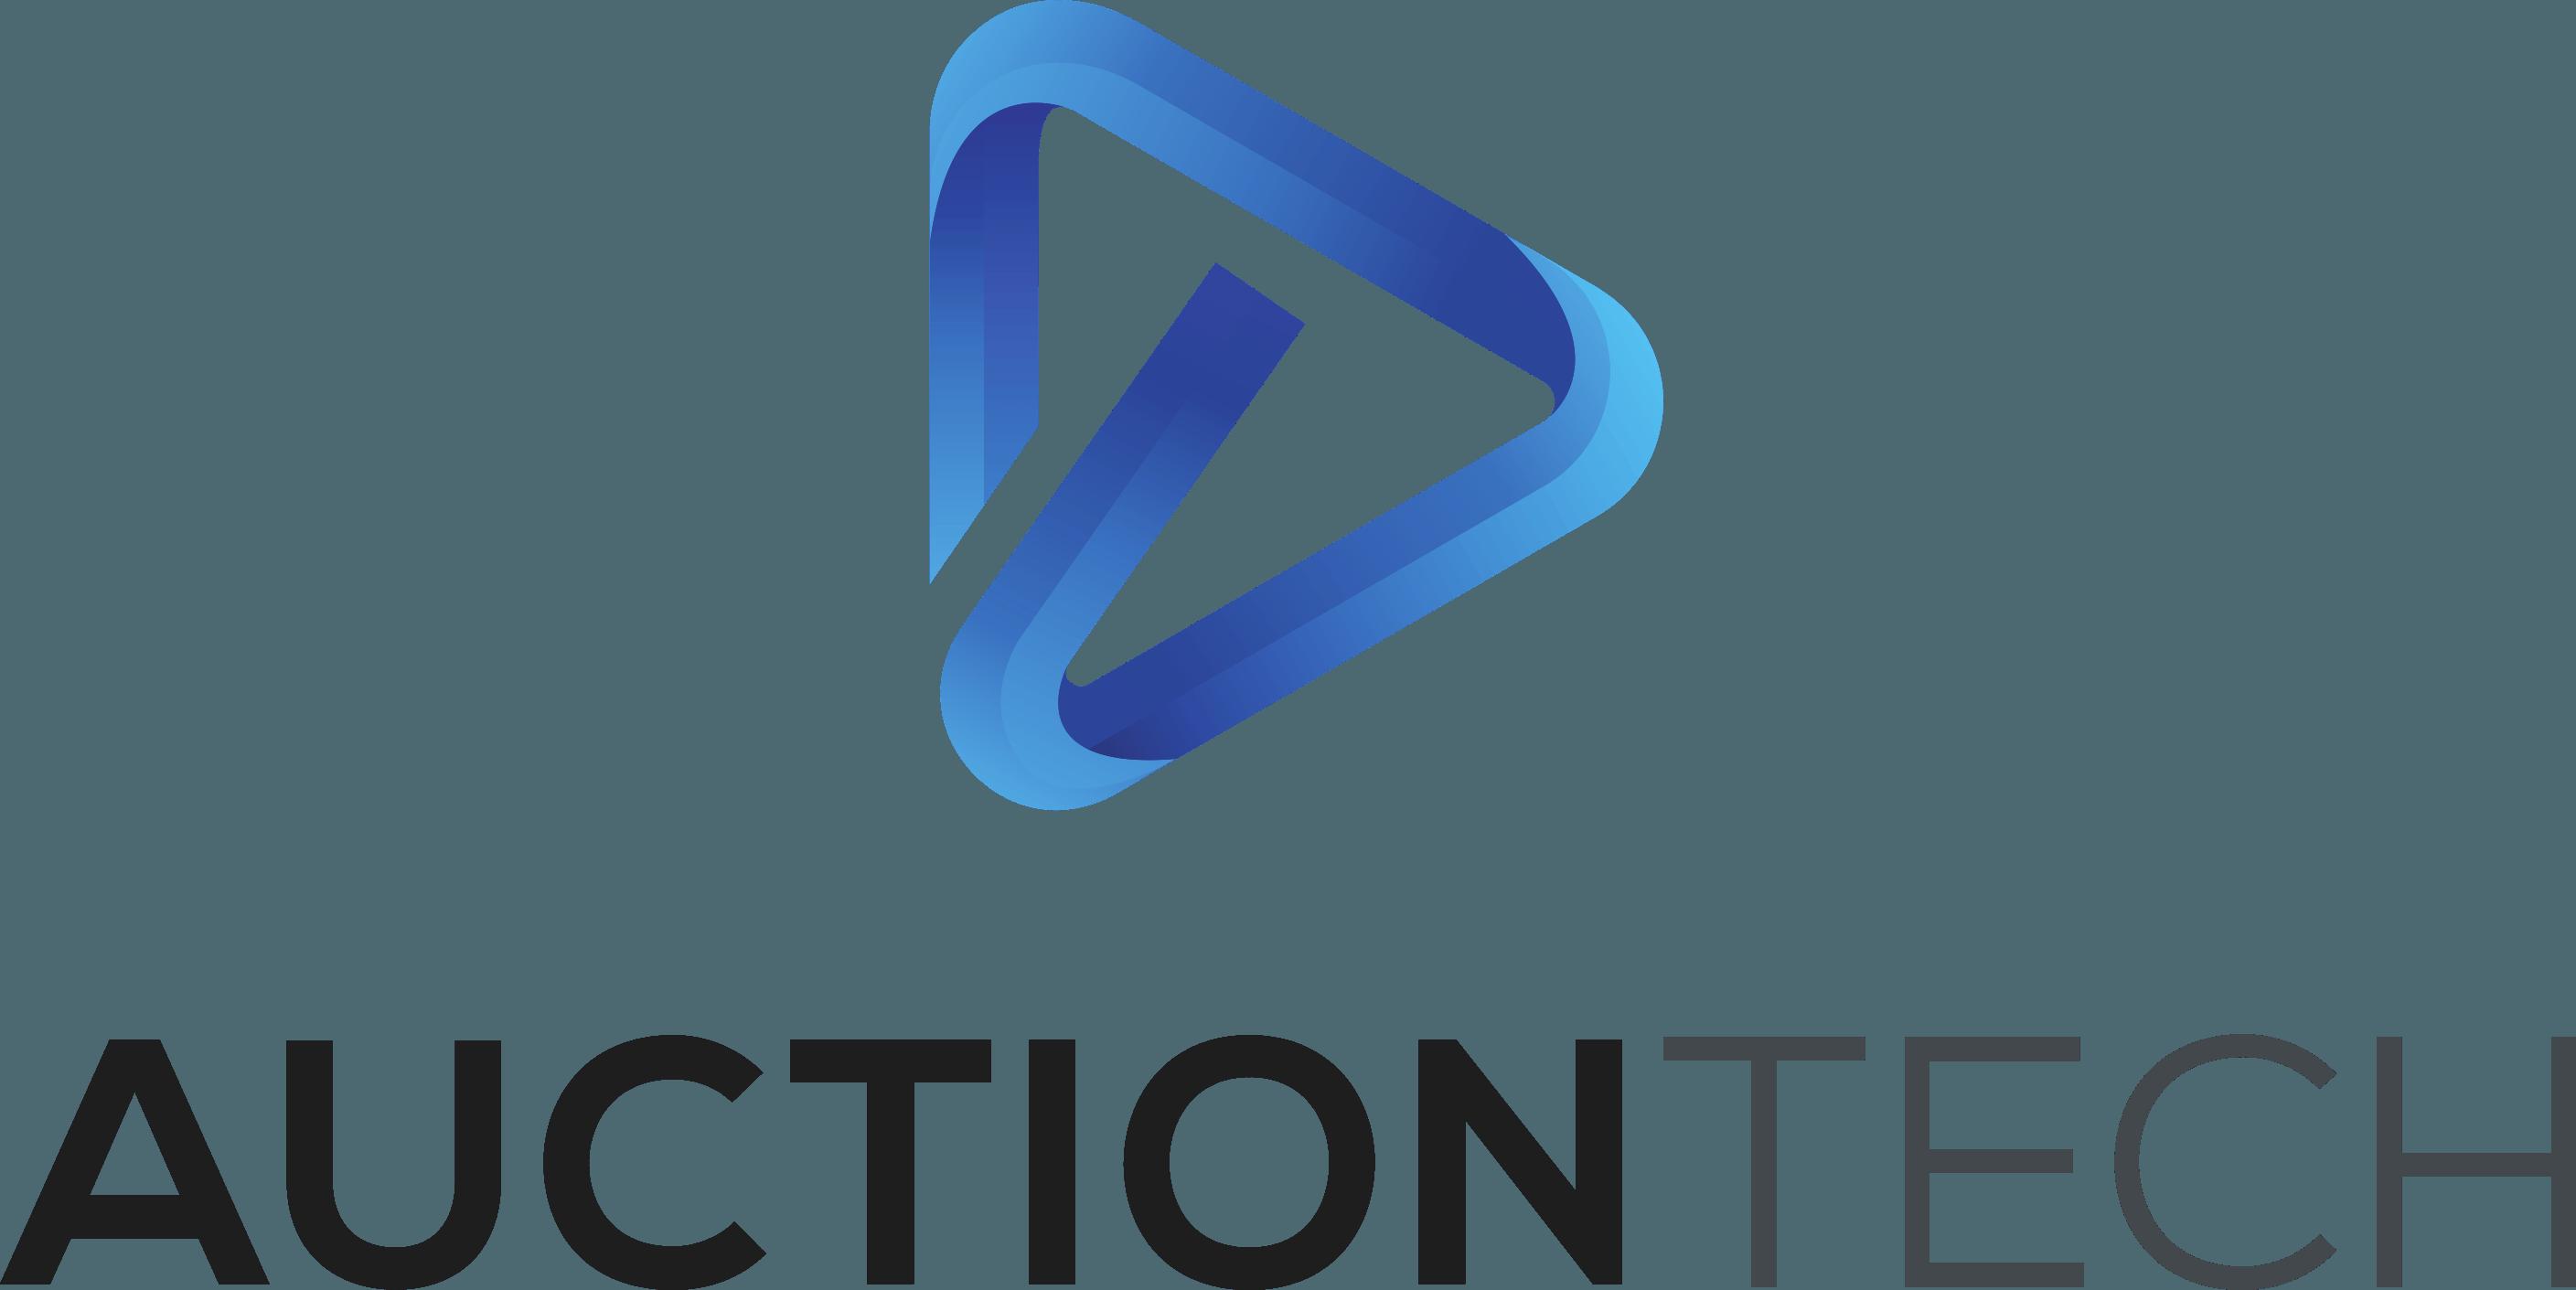 AuctionTech - Online-Livestream Technologie für Auktionen